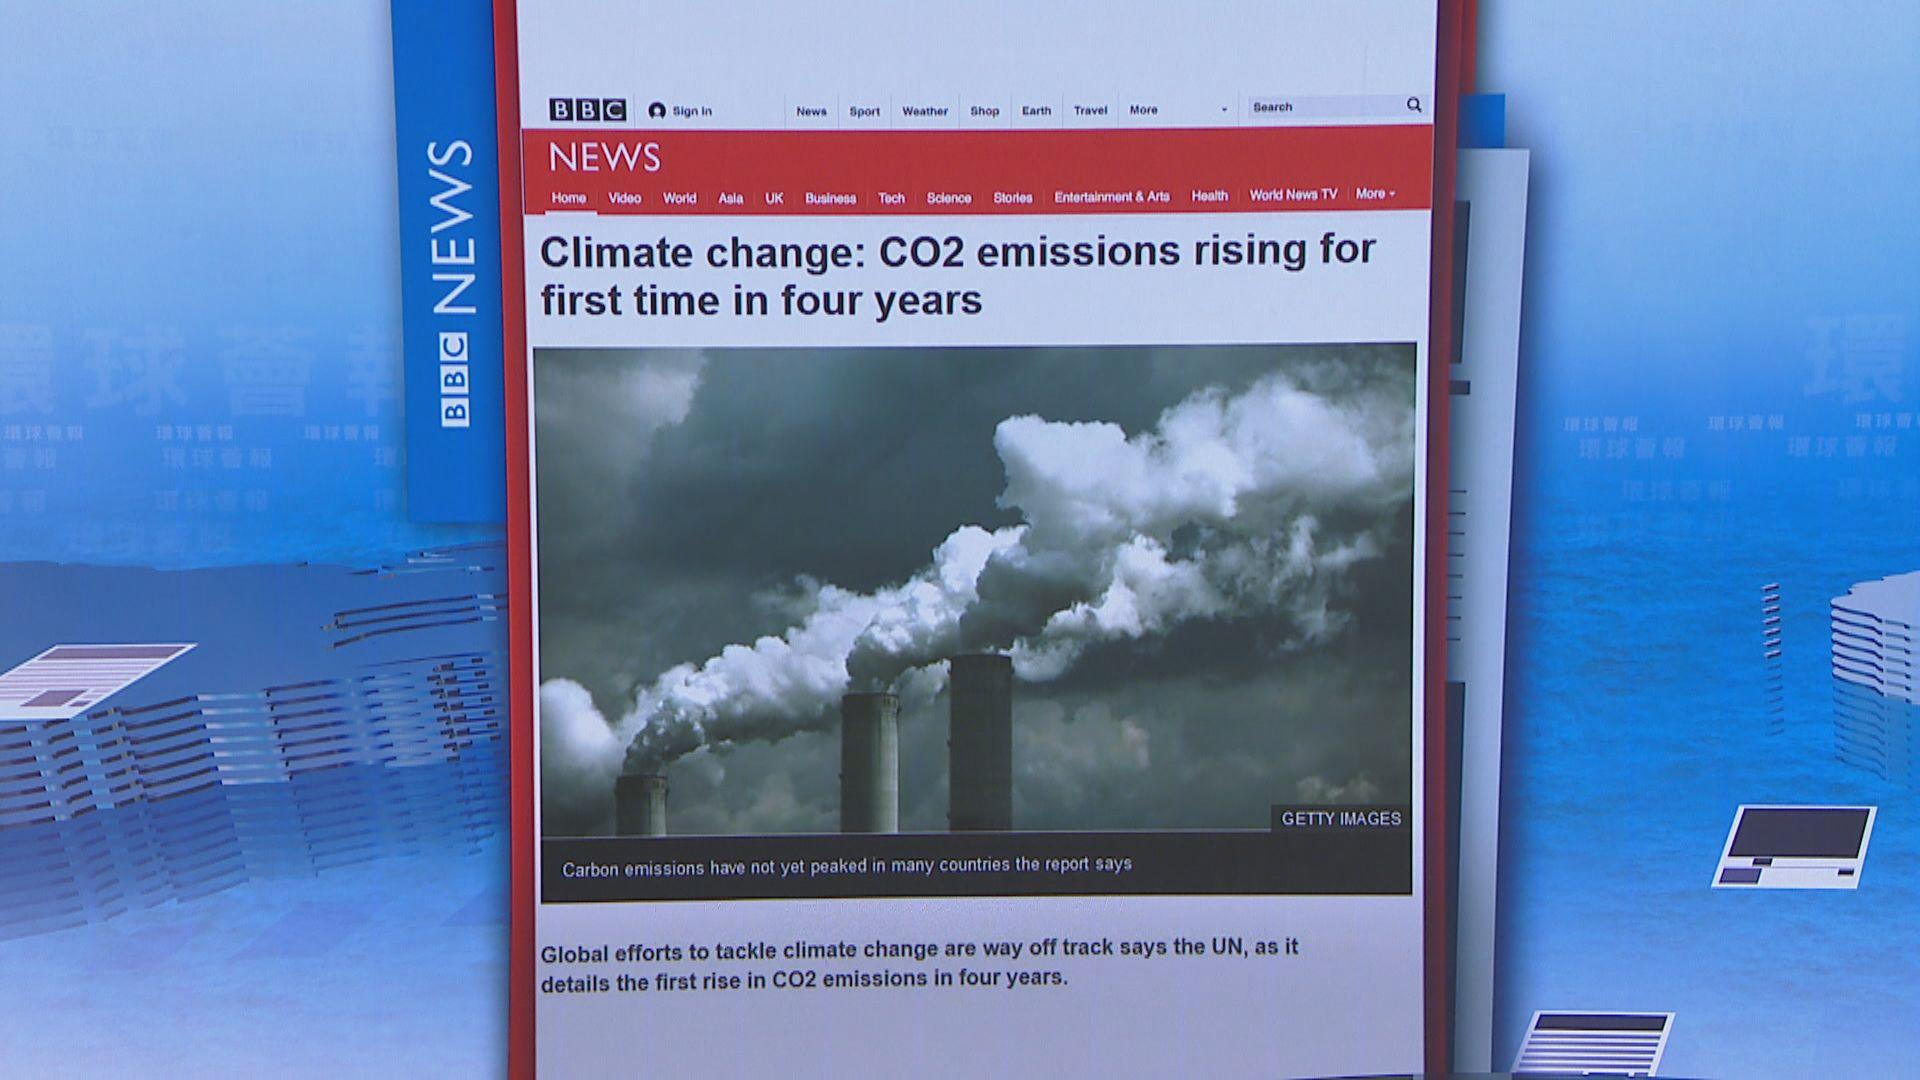 【環球薈報】報告指全球溫室氣體排放不減反增